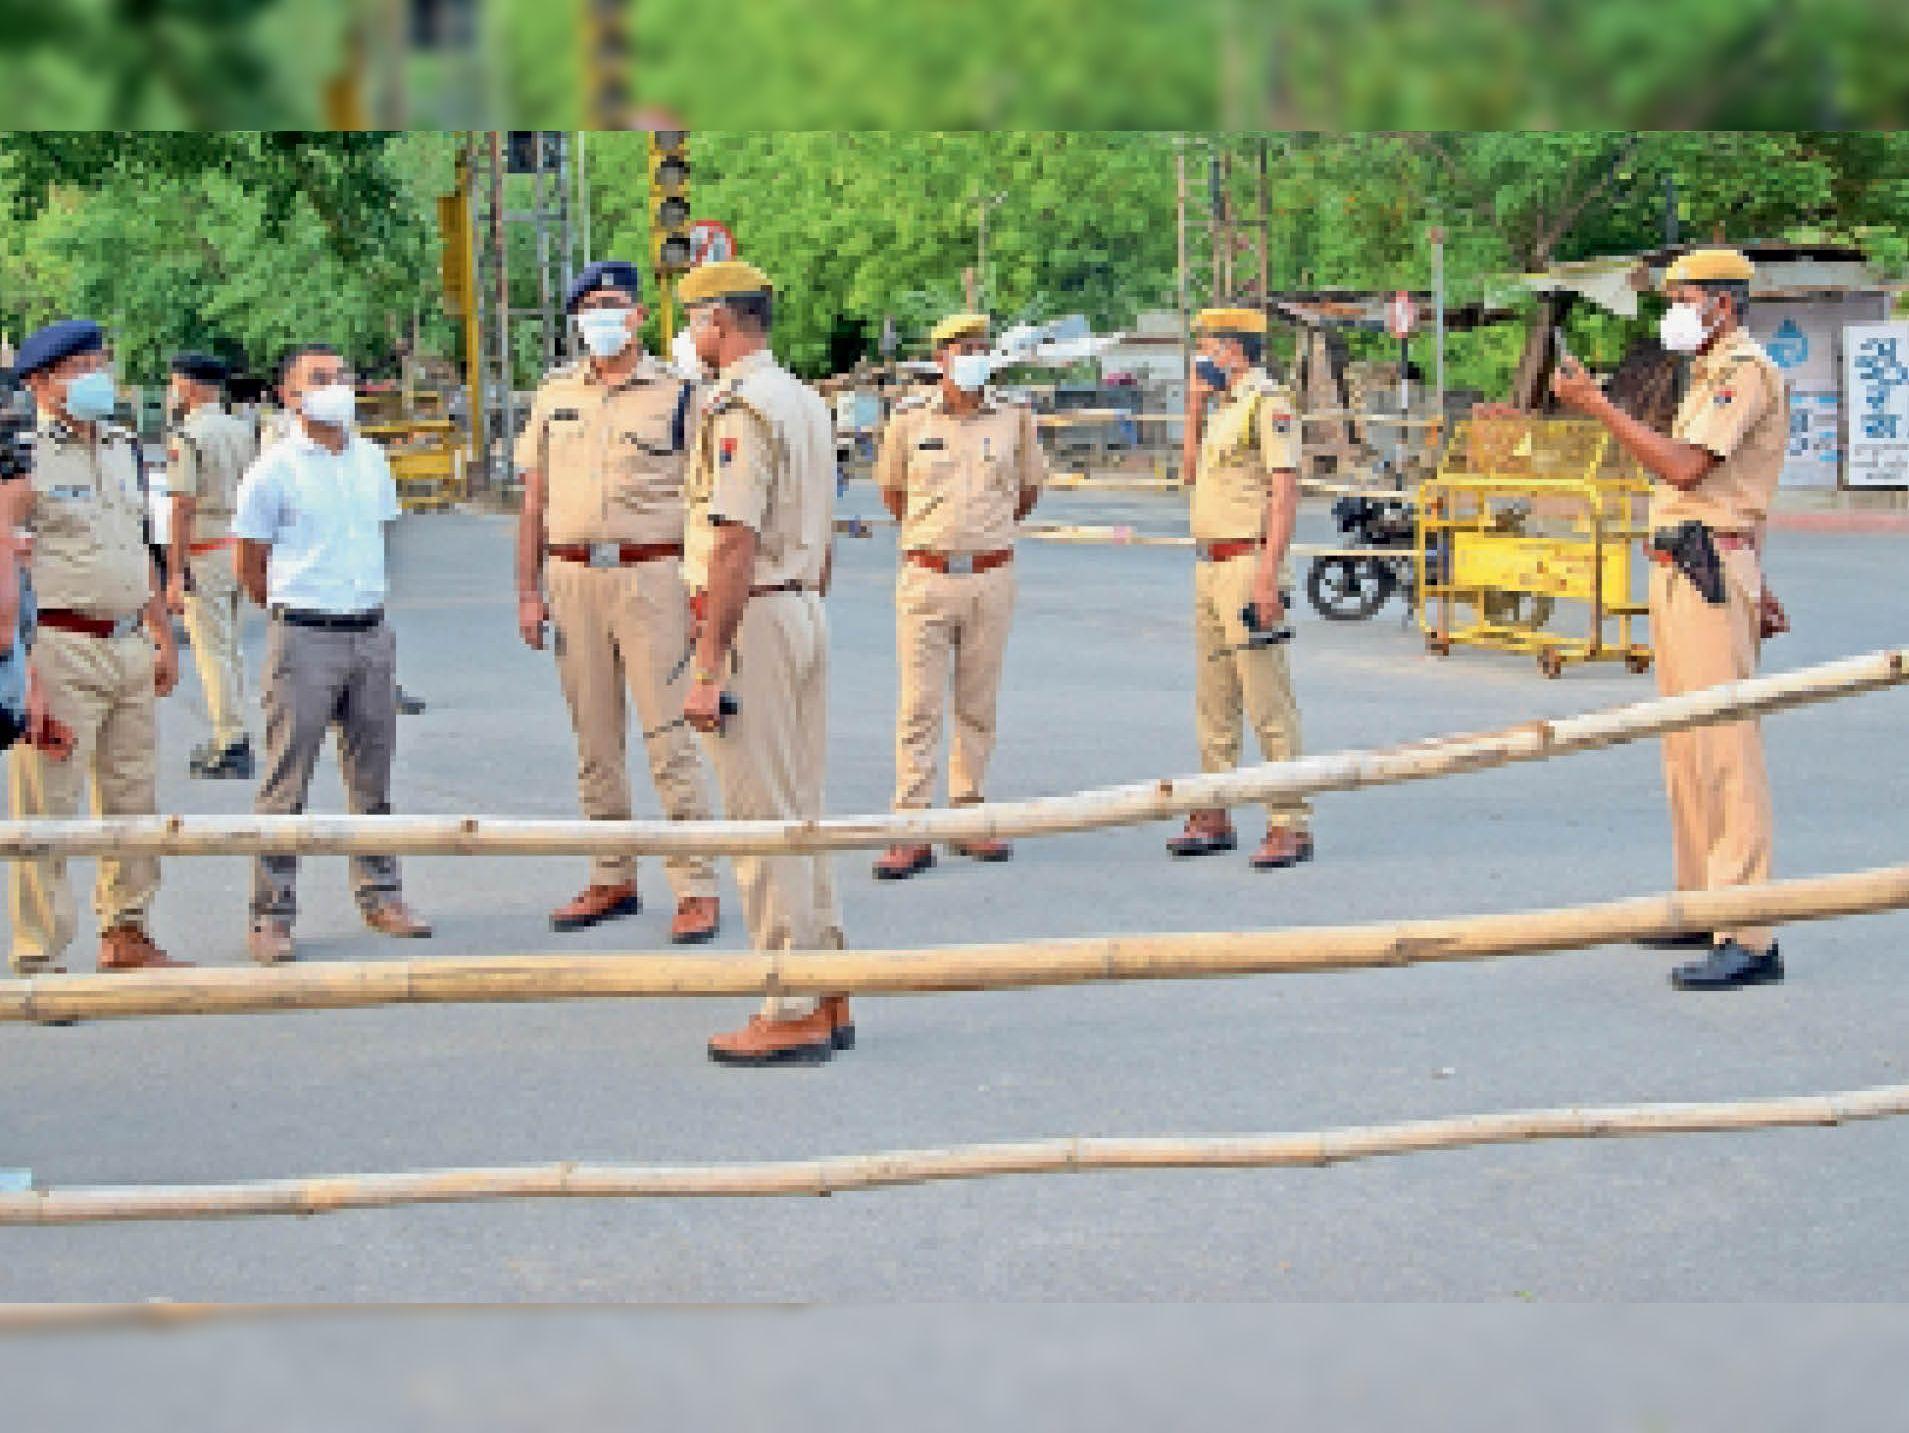 कोरोनाकाल के दौरान जारी नई गाइडलाइन की पालना सुनिश्चित करने के लिए कड़े इंतजाम किए गए हैं। शहर में विभिन्न व्यवस्थाओं का निरीक्षण करते कलेक्टर व एसपी। - Dainik Bhaskar